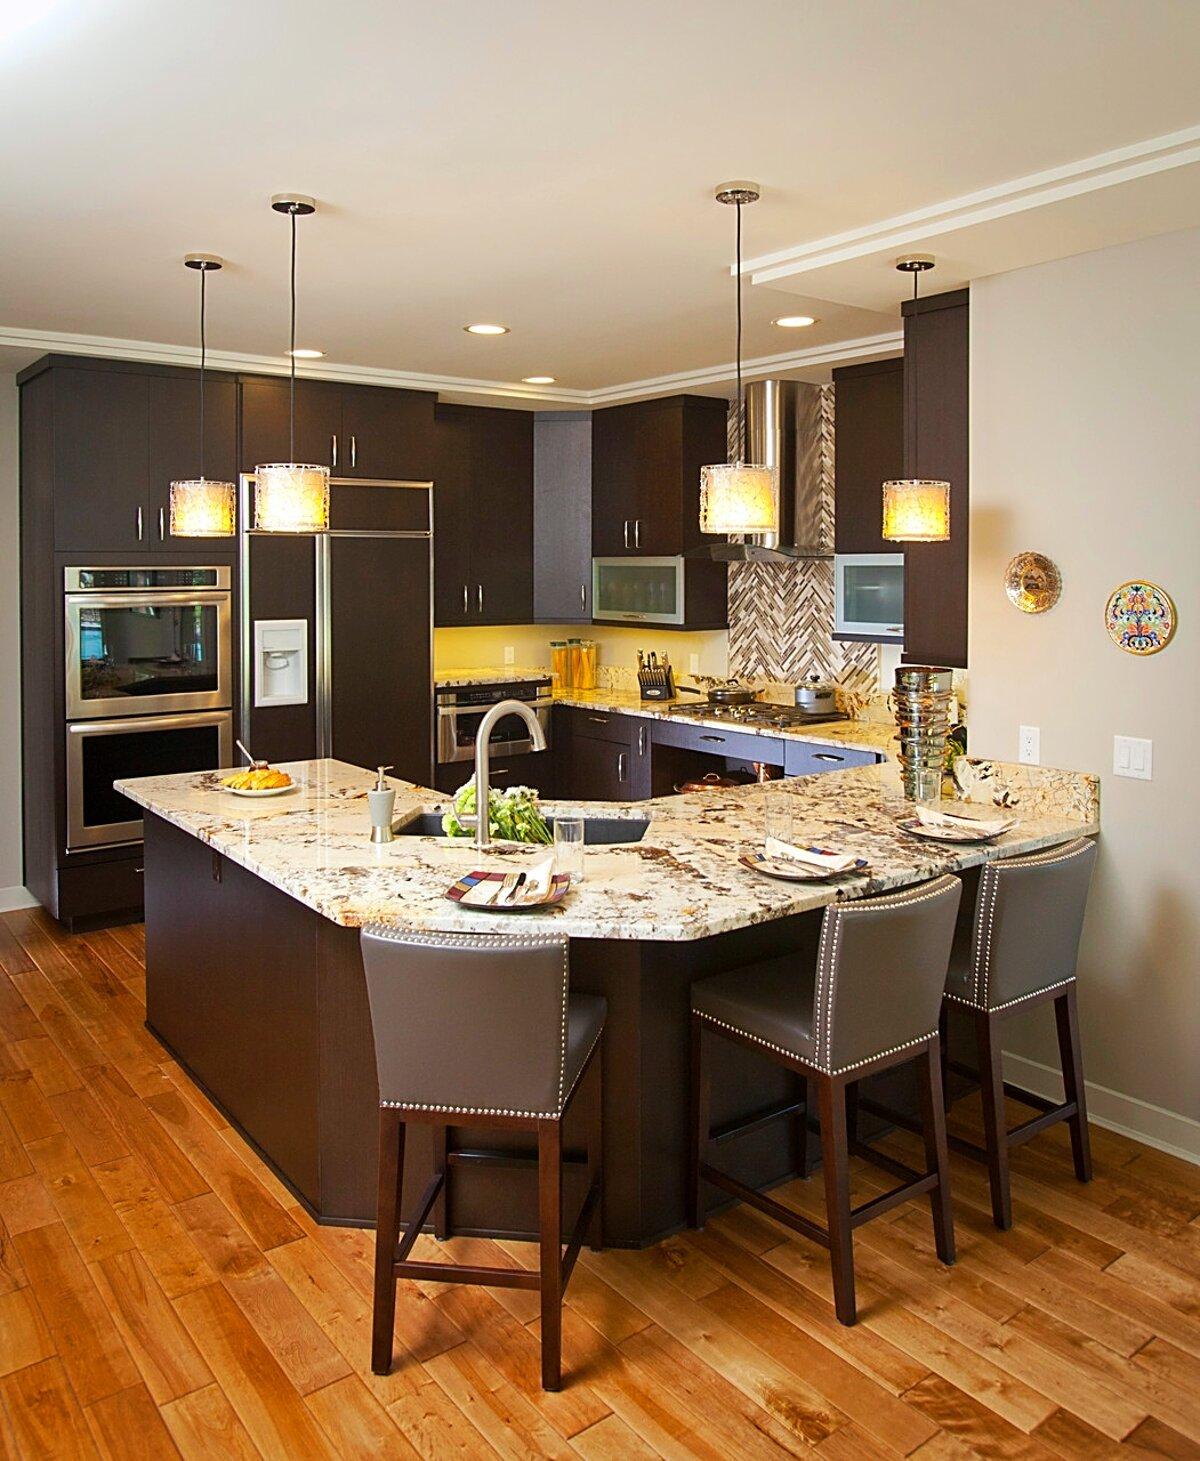 Cincinnati Kitchen Remodeling - Cincinnati Cabinets And Appliances - Howard's Kitchen Studio